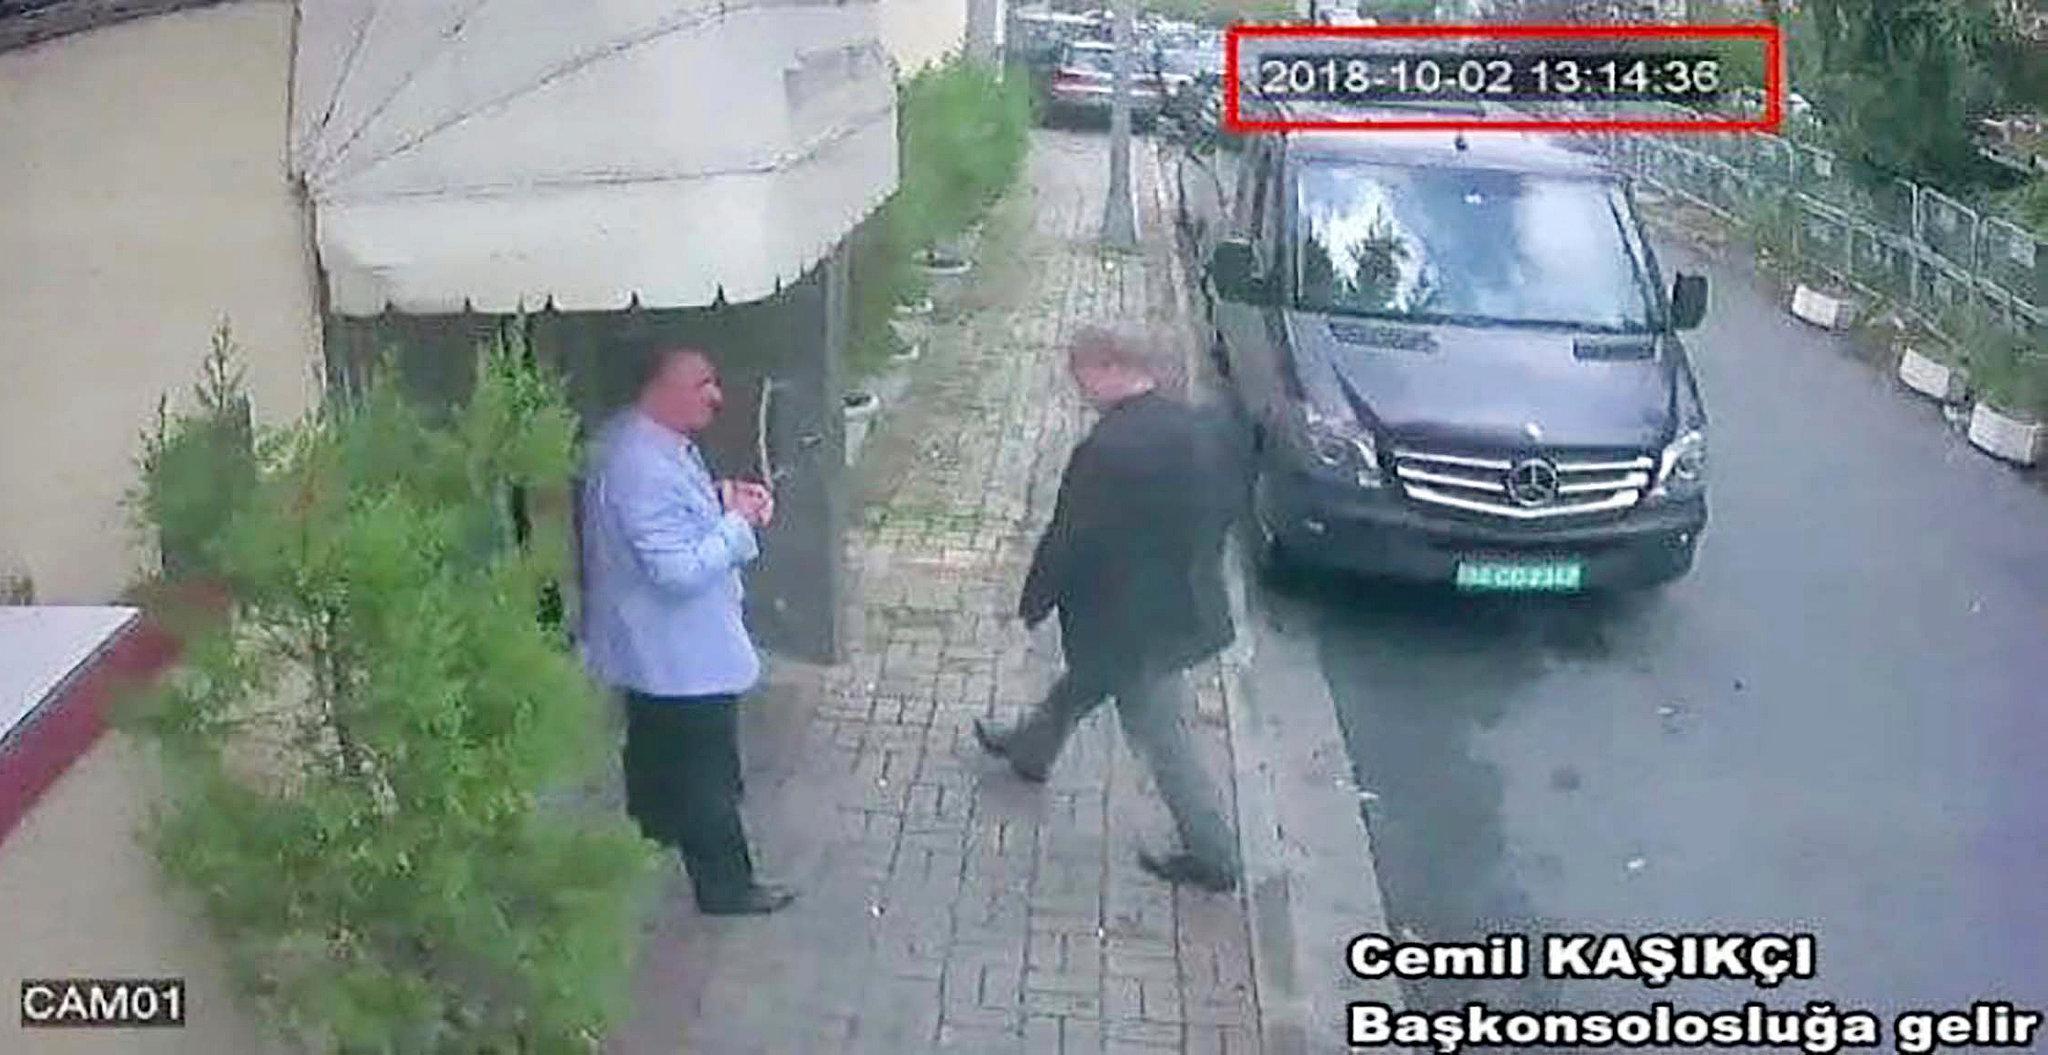 Журналиста Джамаля Хашкаджи убили в консульстве Саудовской Аравии, а его тело расчленили пилой - Экономика и общество